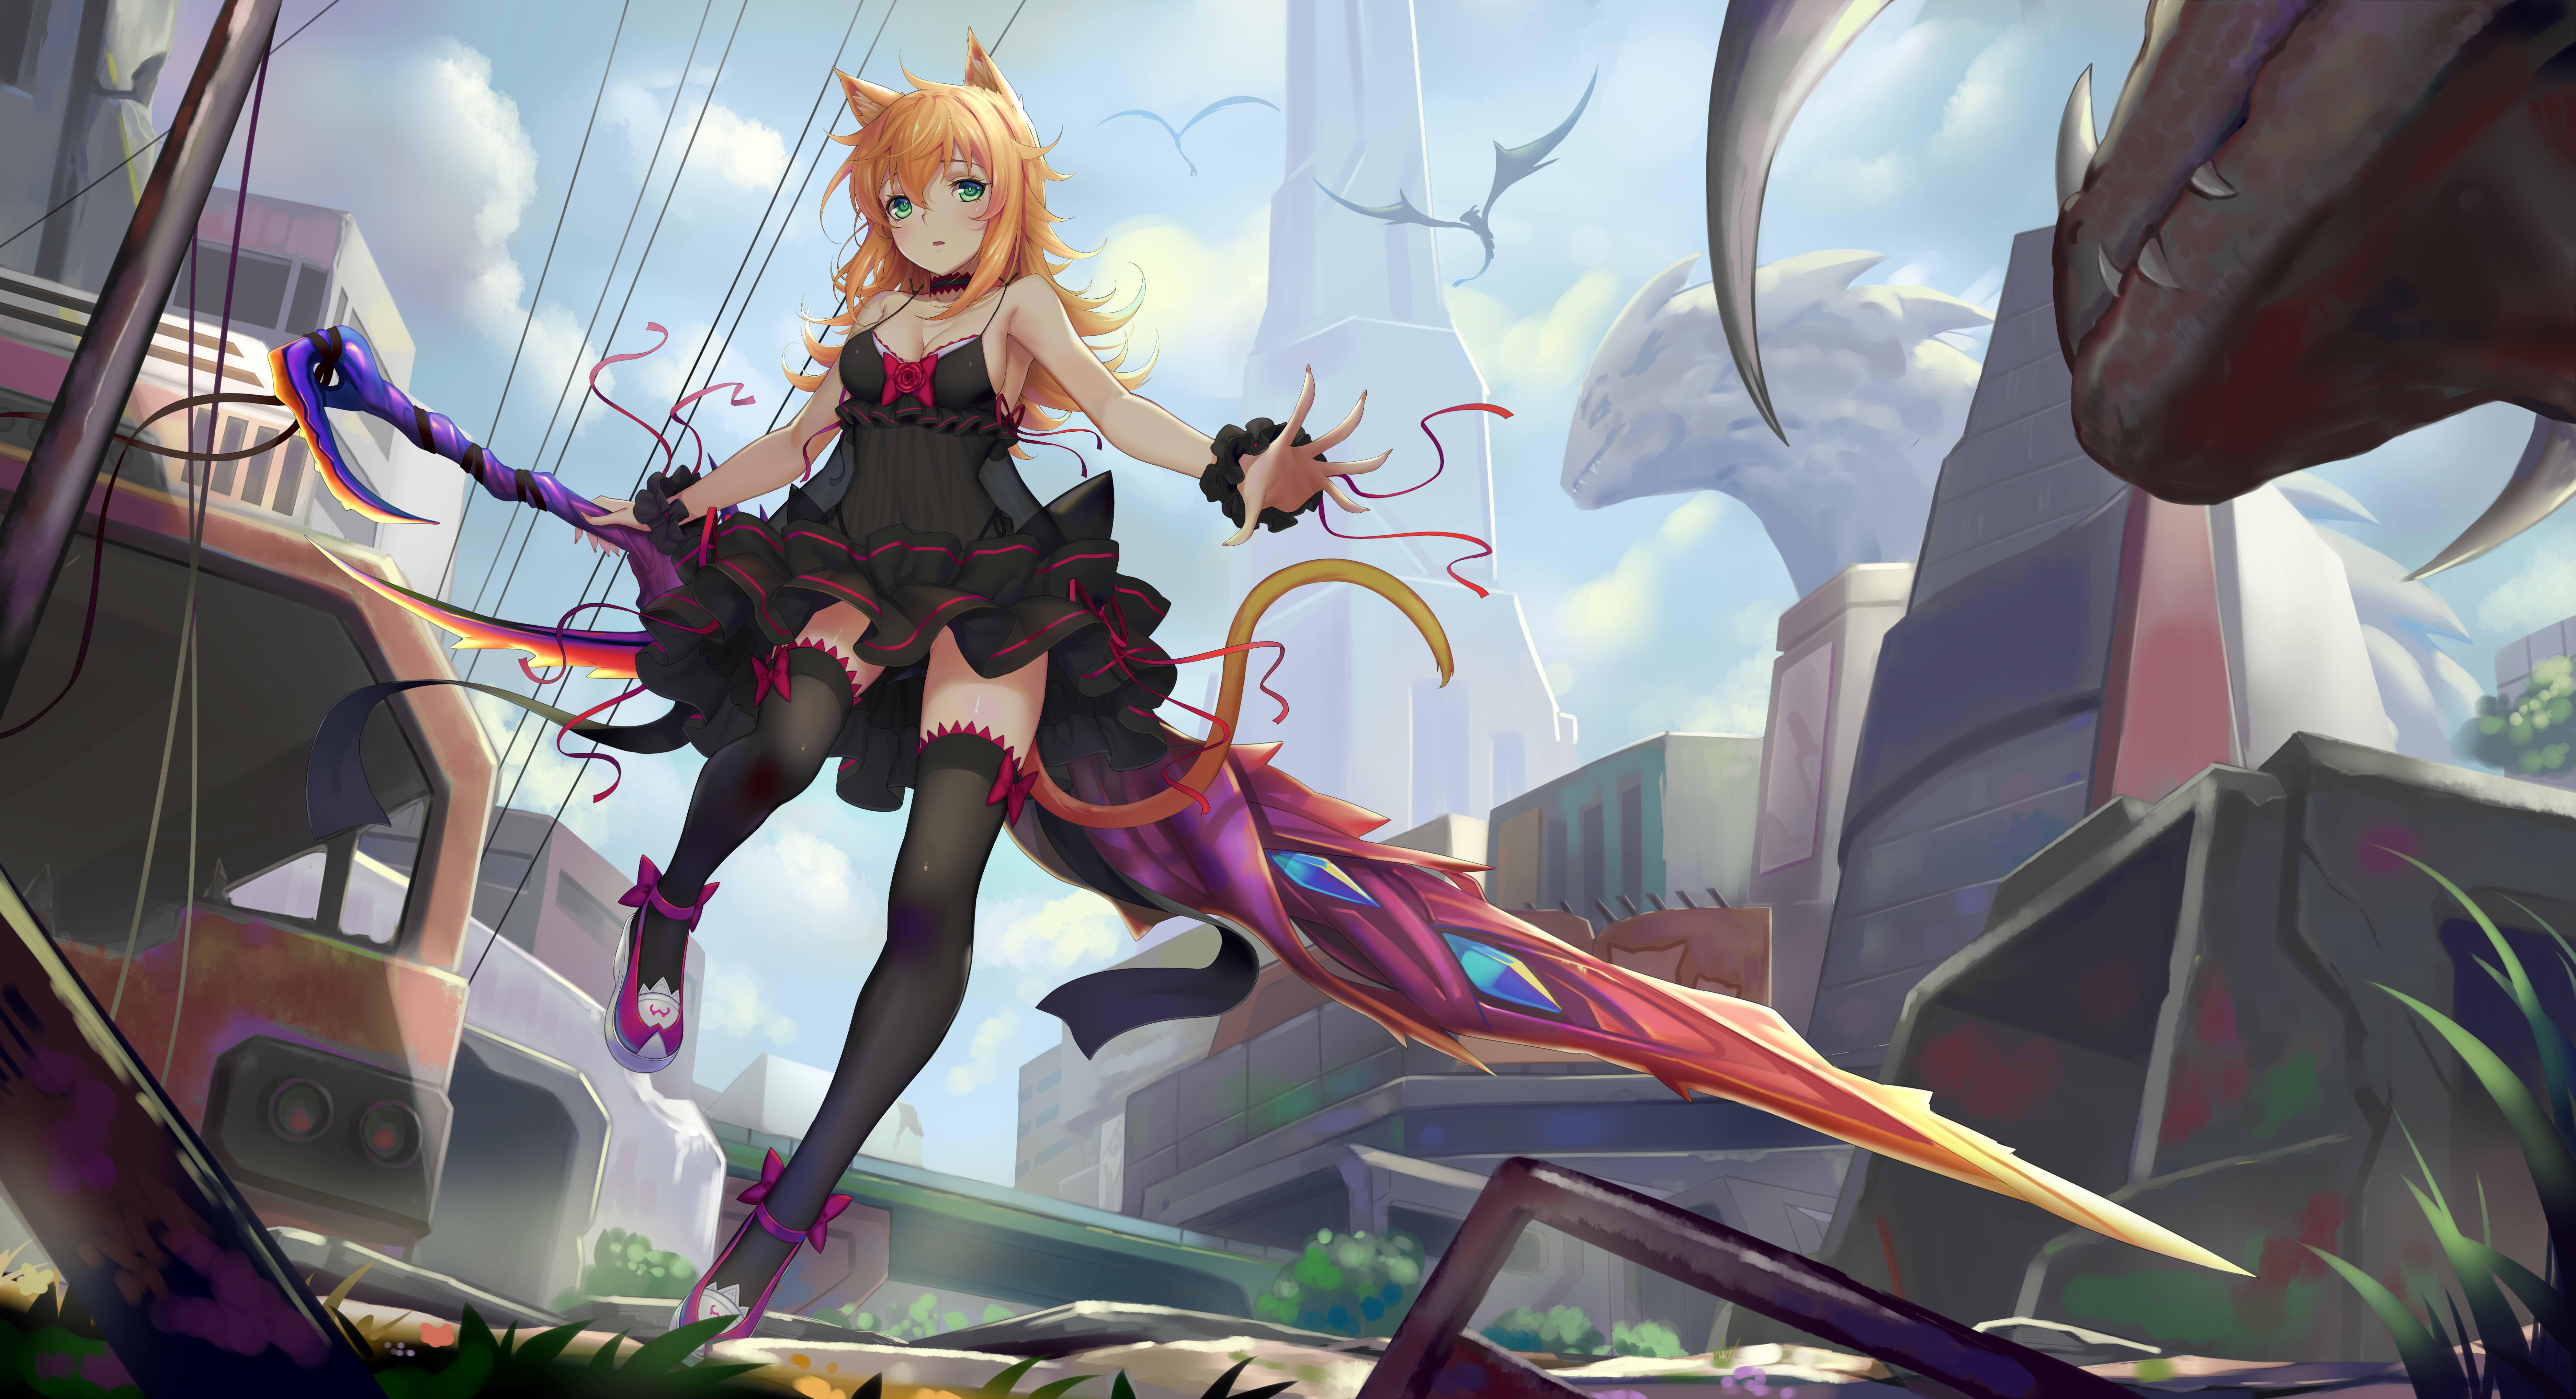 Anime women sword 8k hd anime 4k wallpapers images - Www wallpaper anime ...